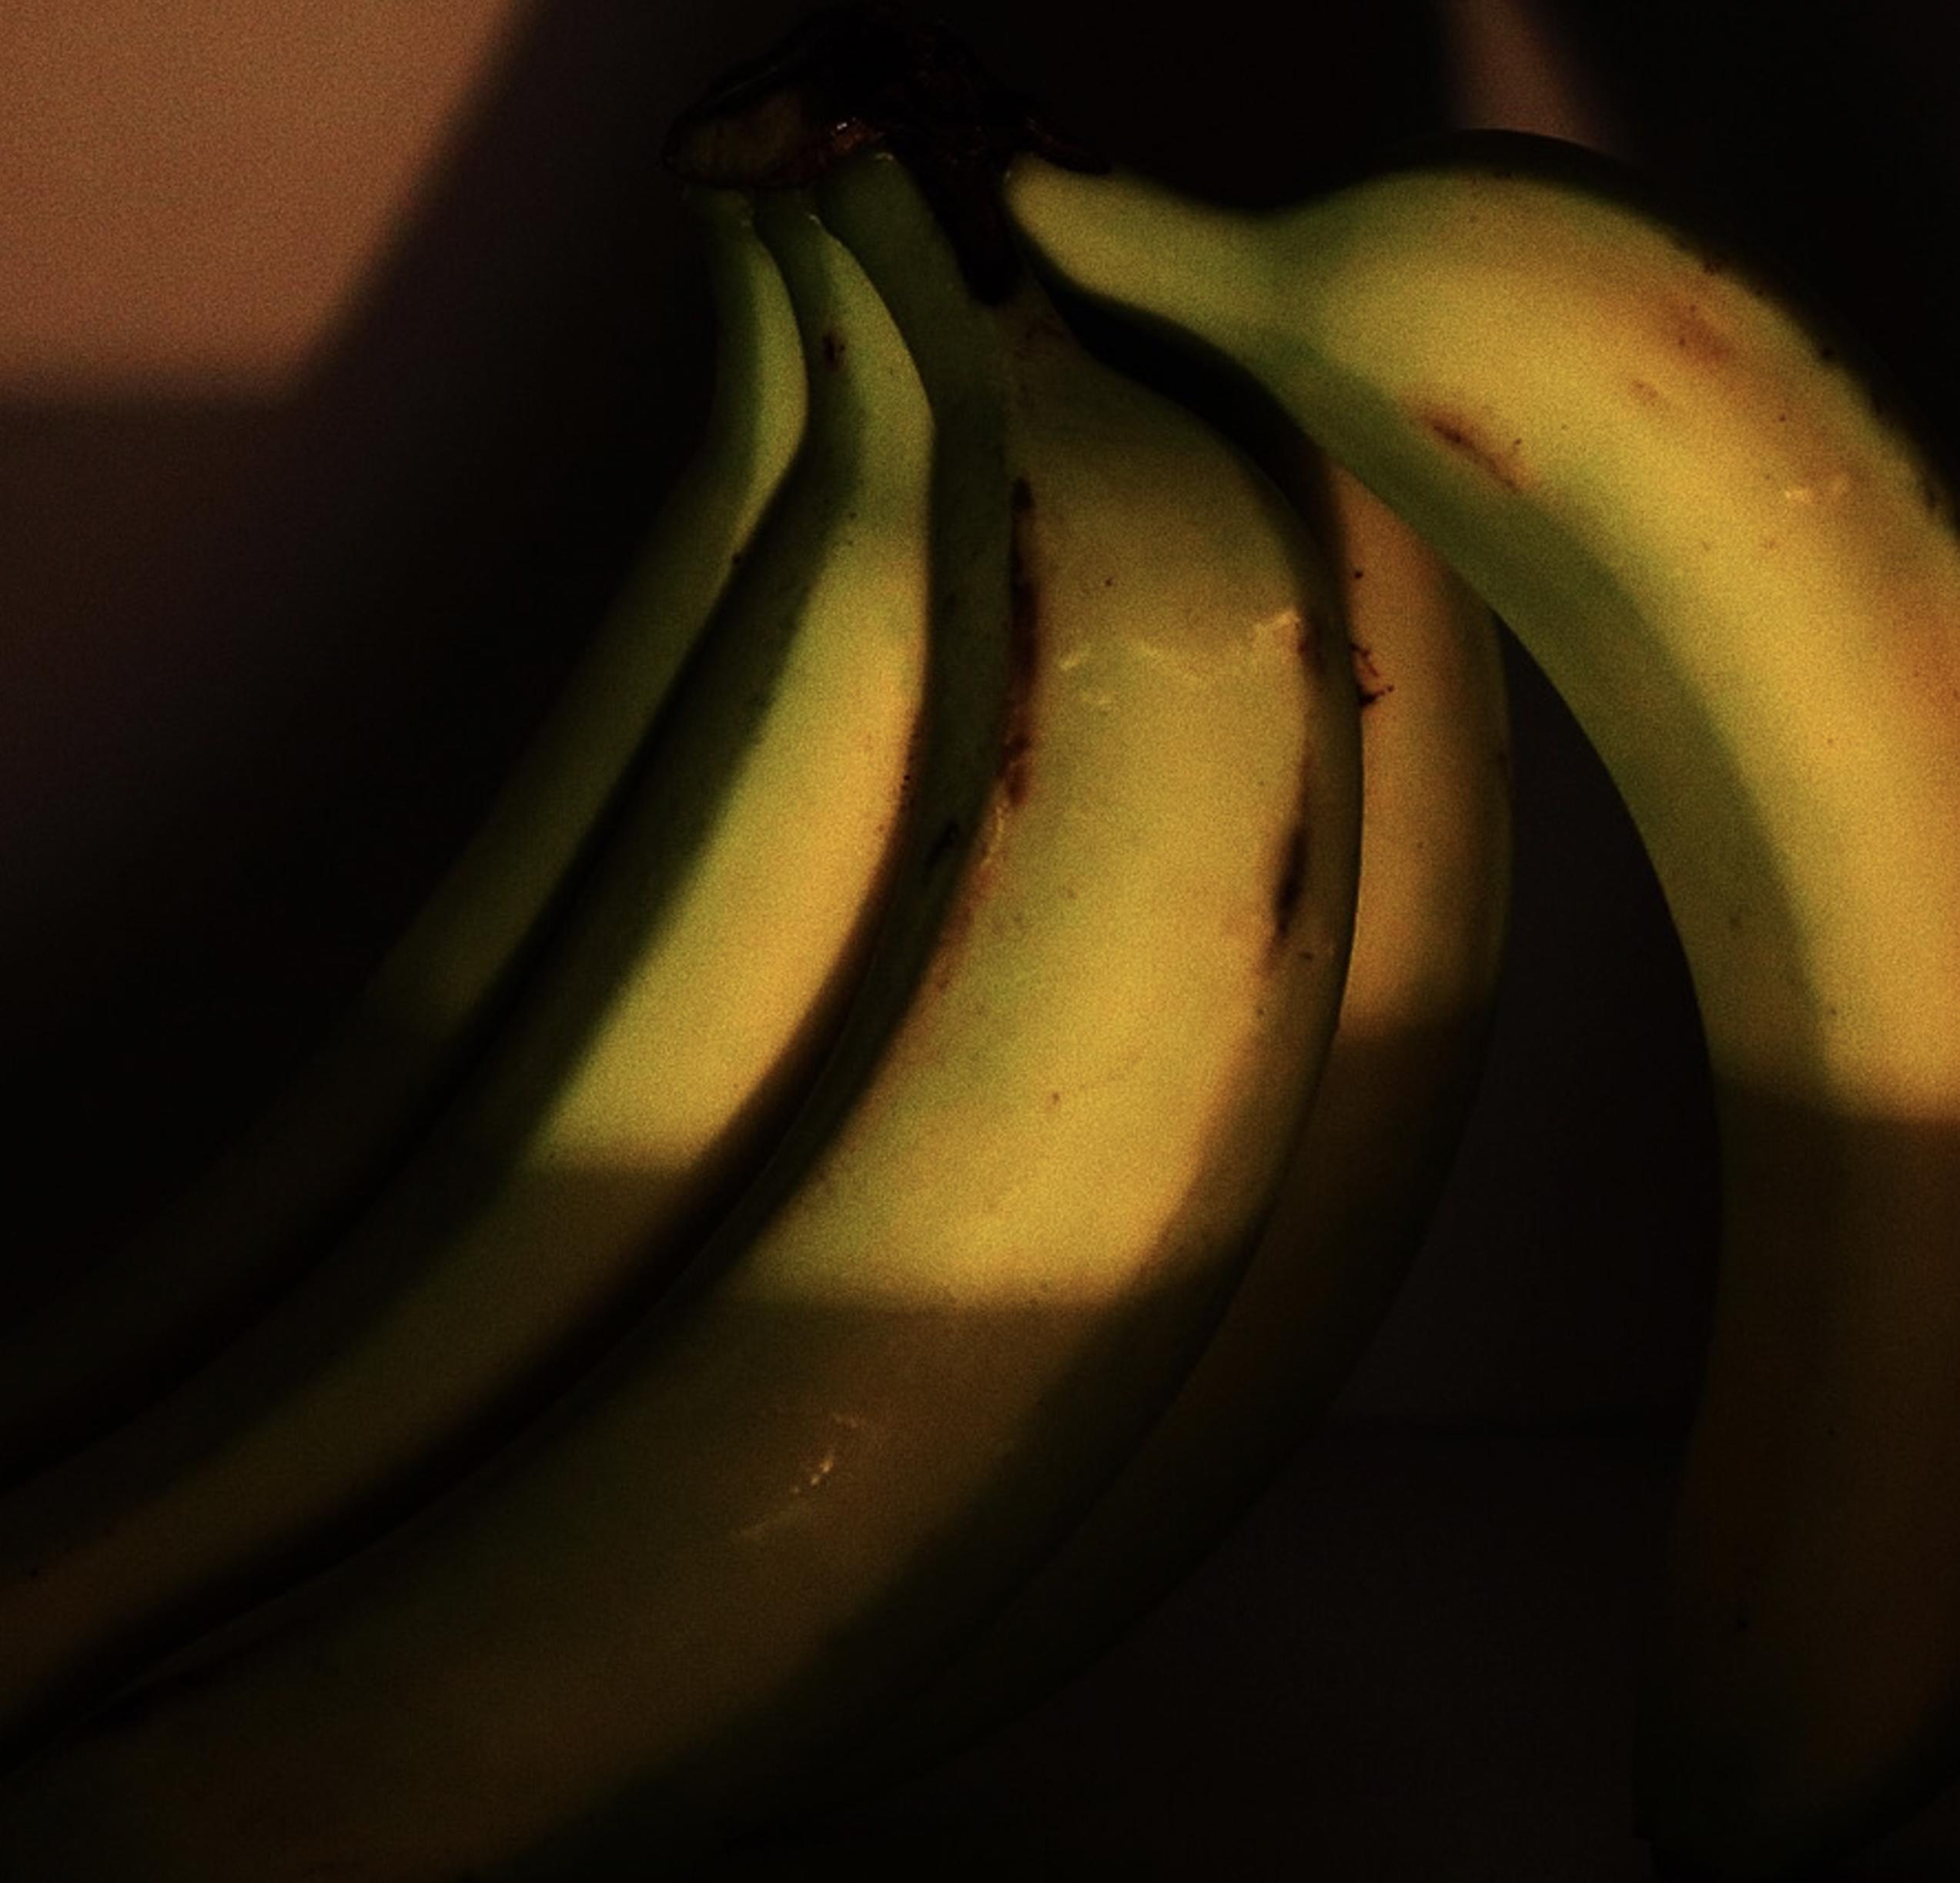 Molehill-Banana-Crossbody-Bag